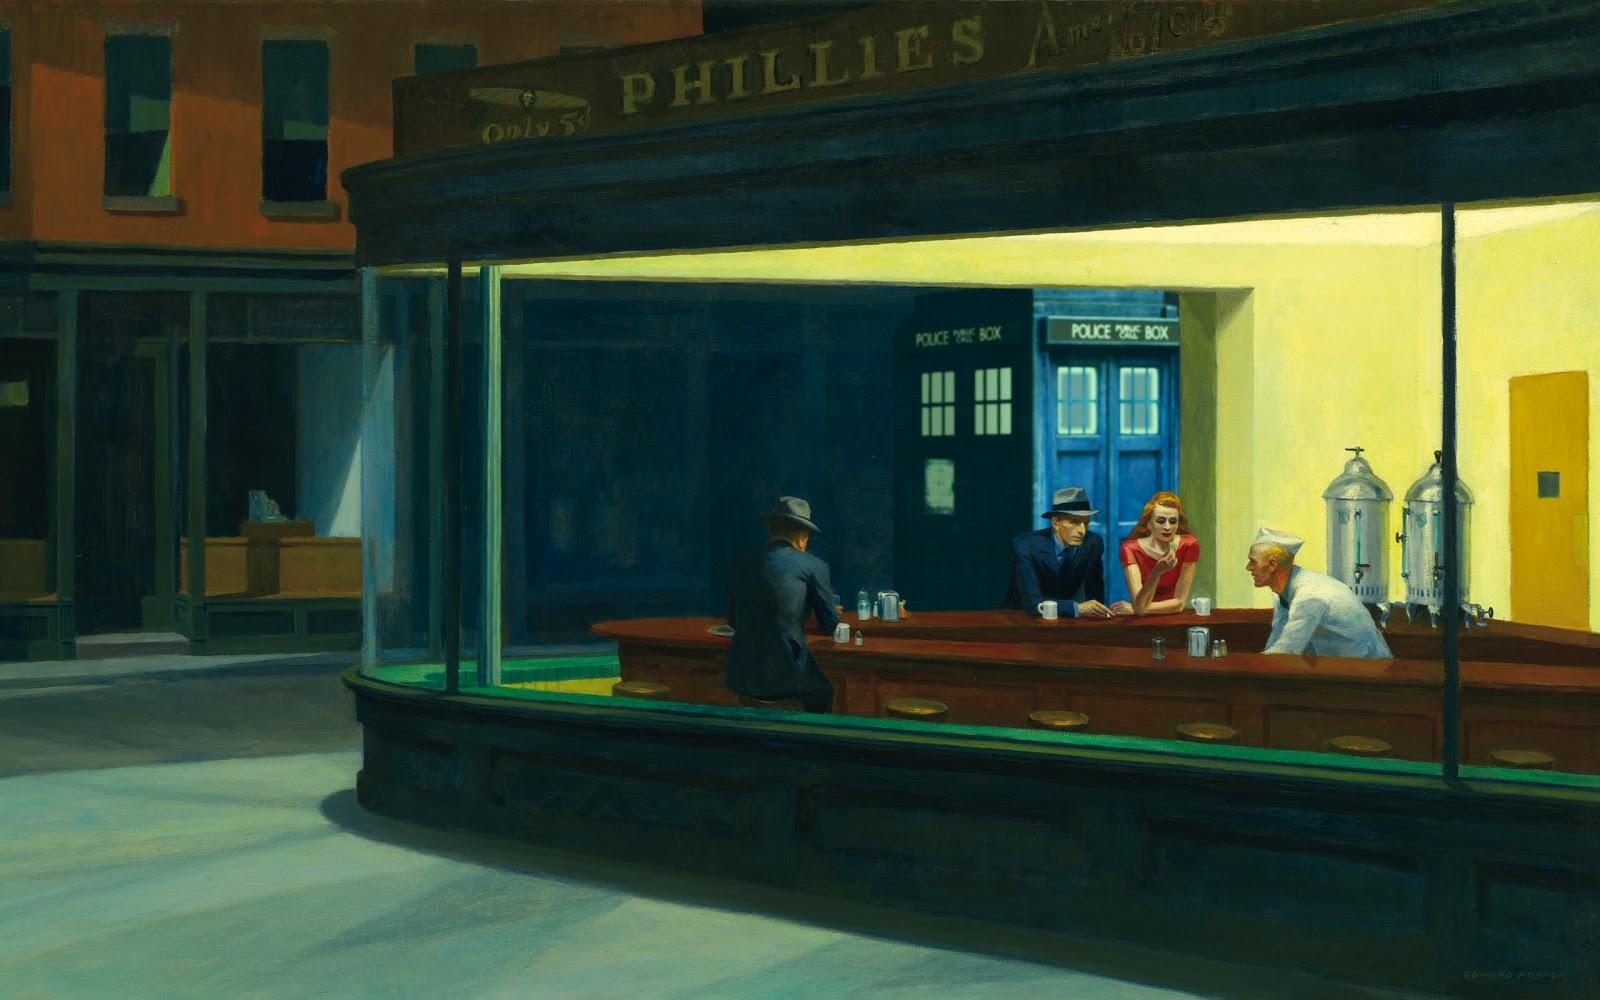 در وصف نقاشی شب زندهداران؛ فقط همین چهار نفر